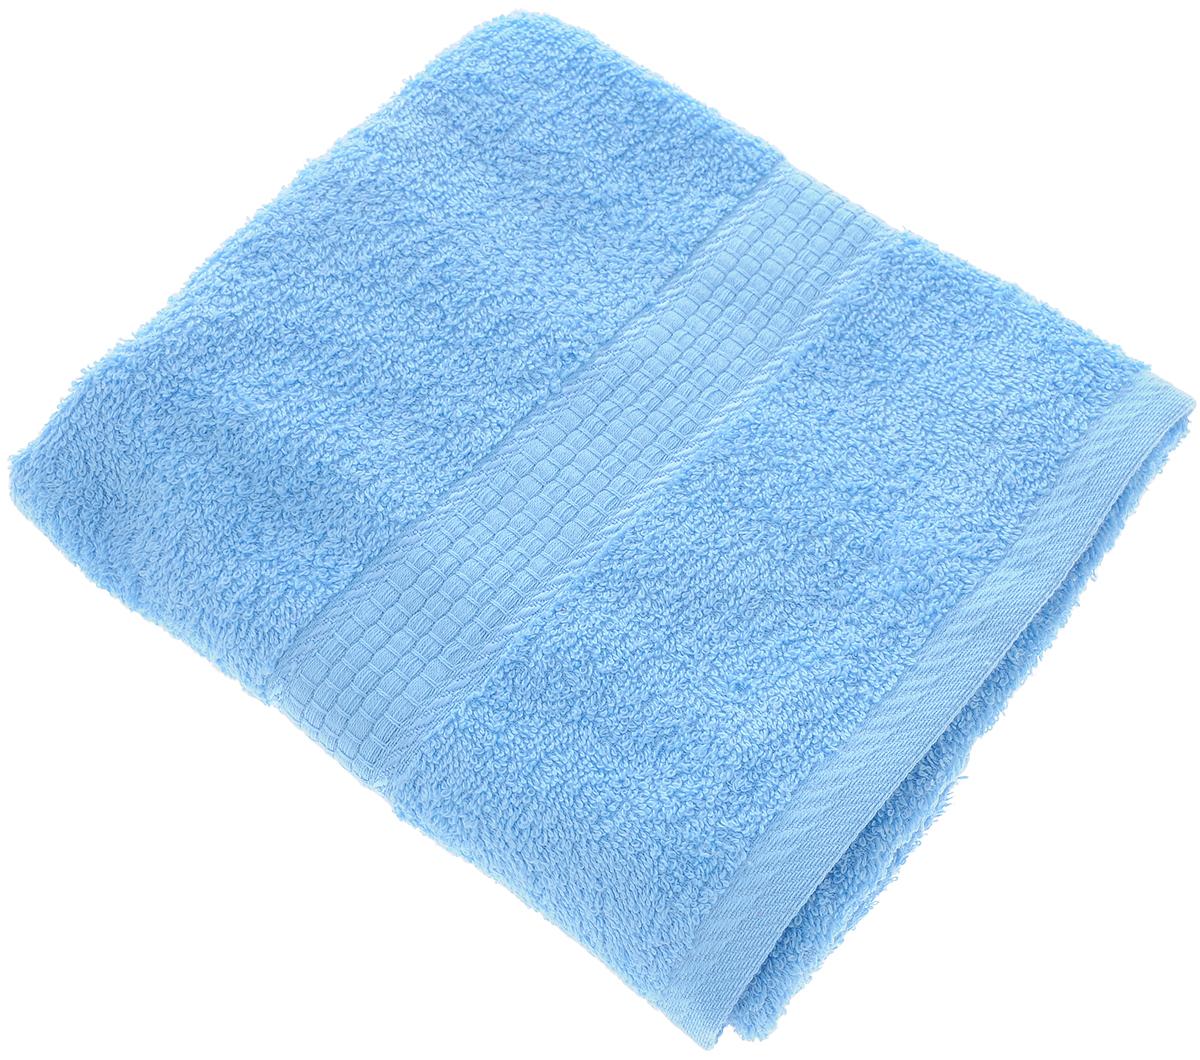 Полотенце Aisha Home Textile, цвет: голубой, 50 х 90 смУзТ-ПМ-112-08-06кМахровые полотенца AISHA Home Textile идеальное сочетание цены и качества. Полотенца упакованы в стильную подарочную коробку. В состав входит только натуральное волокно - хлопок. Лаконичные бордюры подойдут для любого интерьера ванной комнаты. Полотенца прекрасно впитывает влагу и быстро сохнут. При соблюдении рекомендаций по уходу не линяют и не теряют форму даже после многократных стирок.Состав: 100% хлопок.